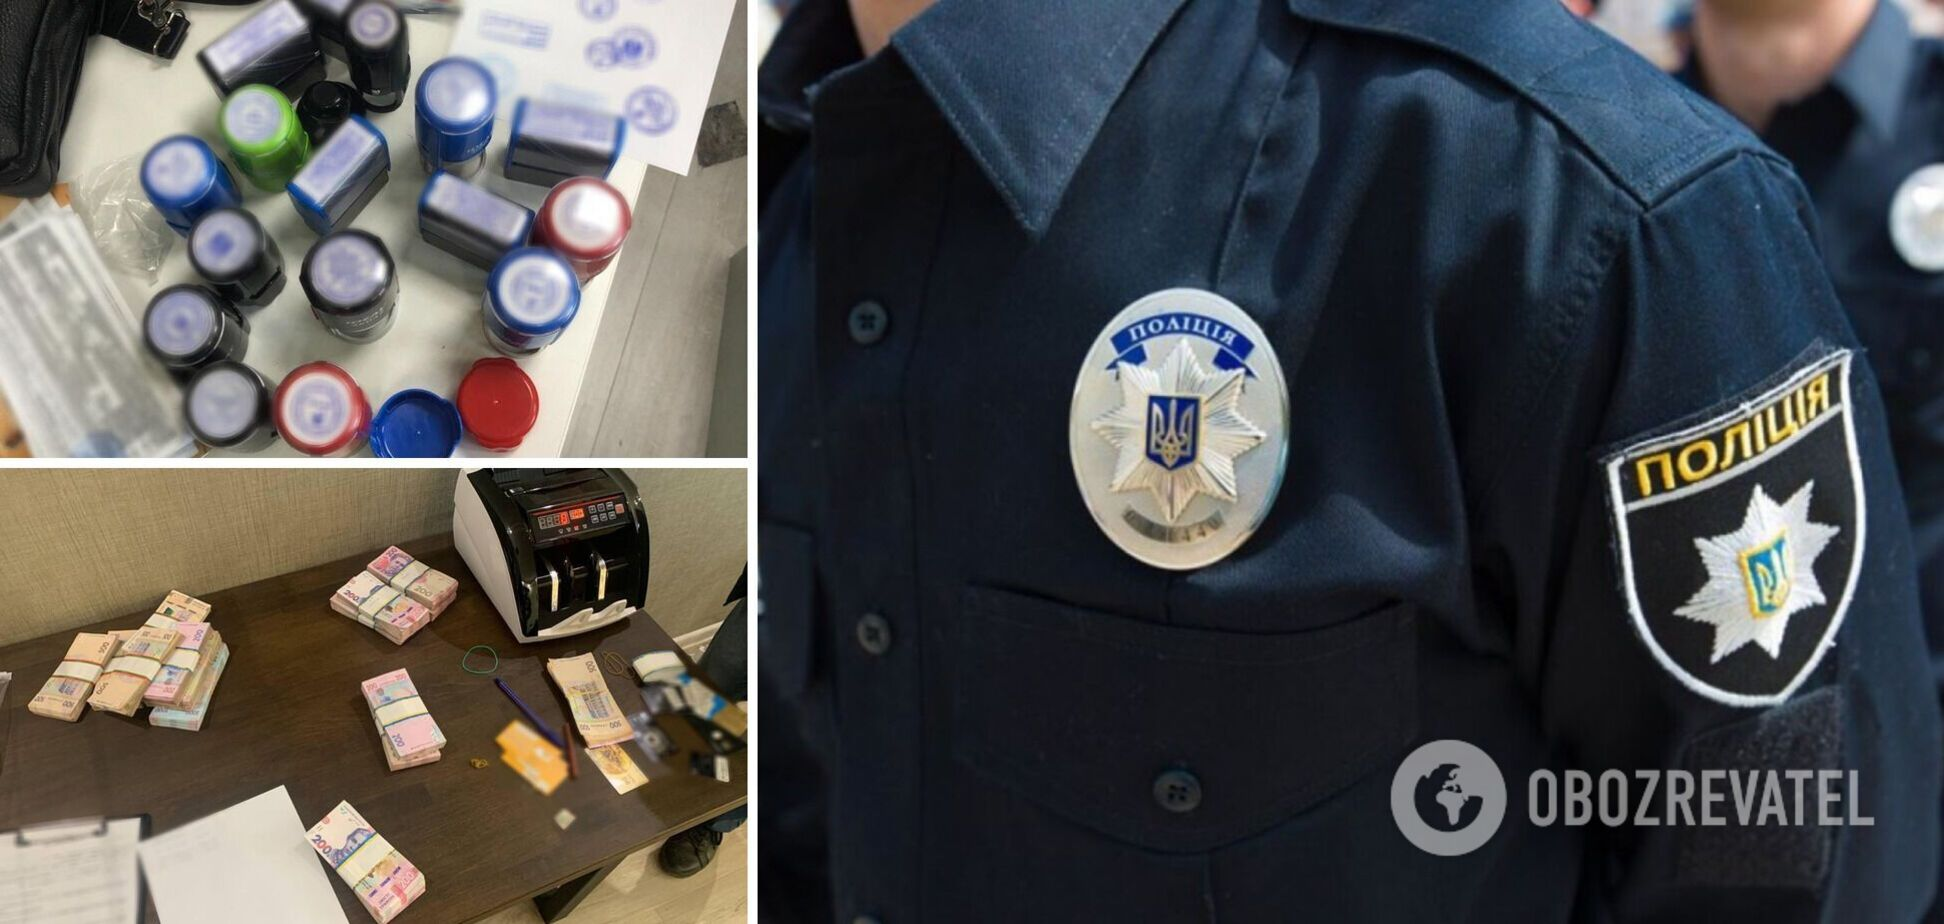 На Харьковщине разоблачили мошенников, продавших более 40 тысяч поддельных ПЛР-тестов и COVID-сертификатов. Фото и видео